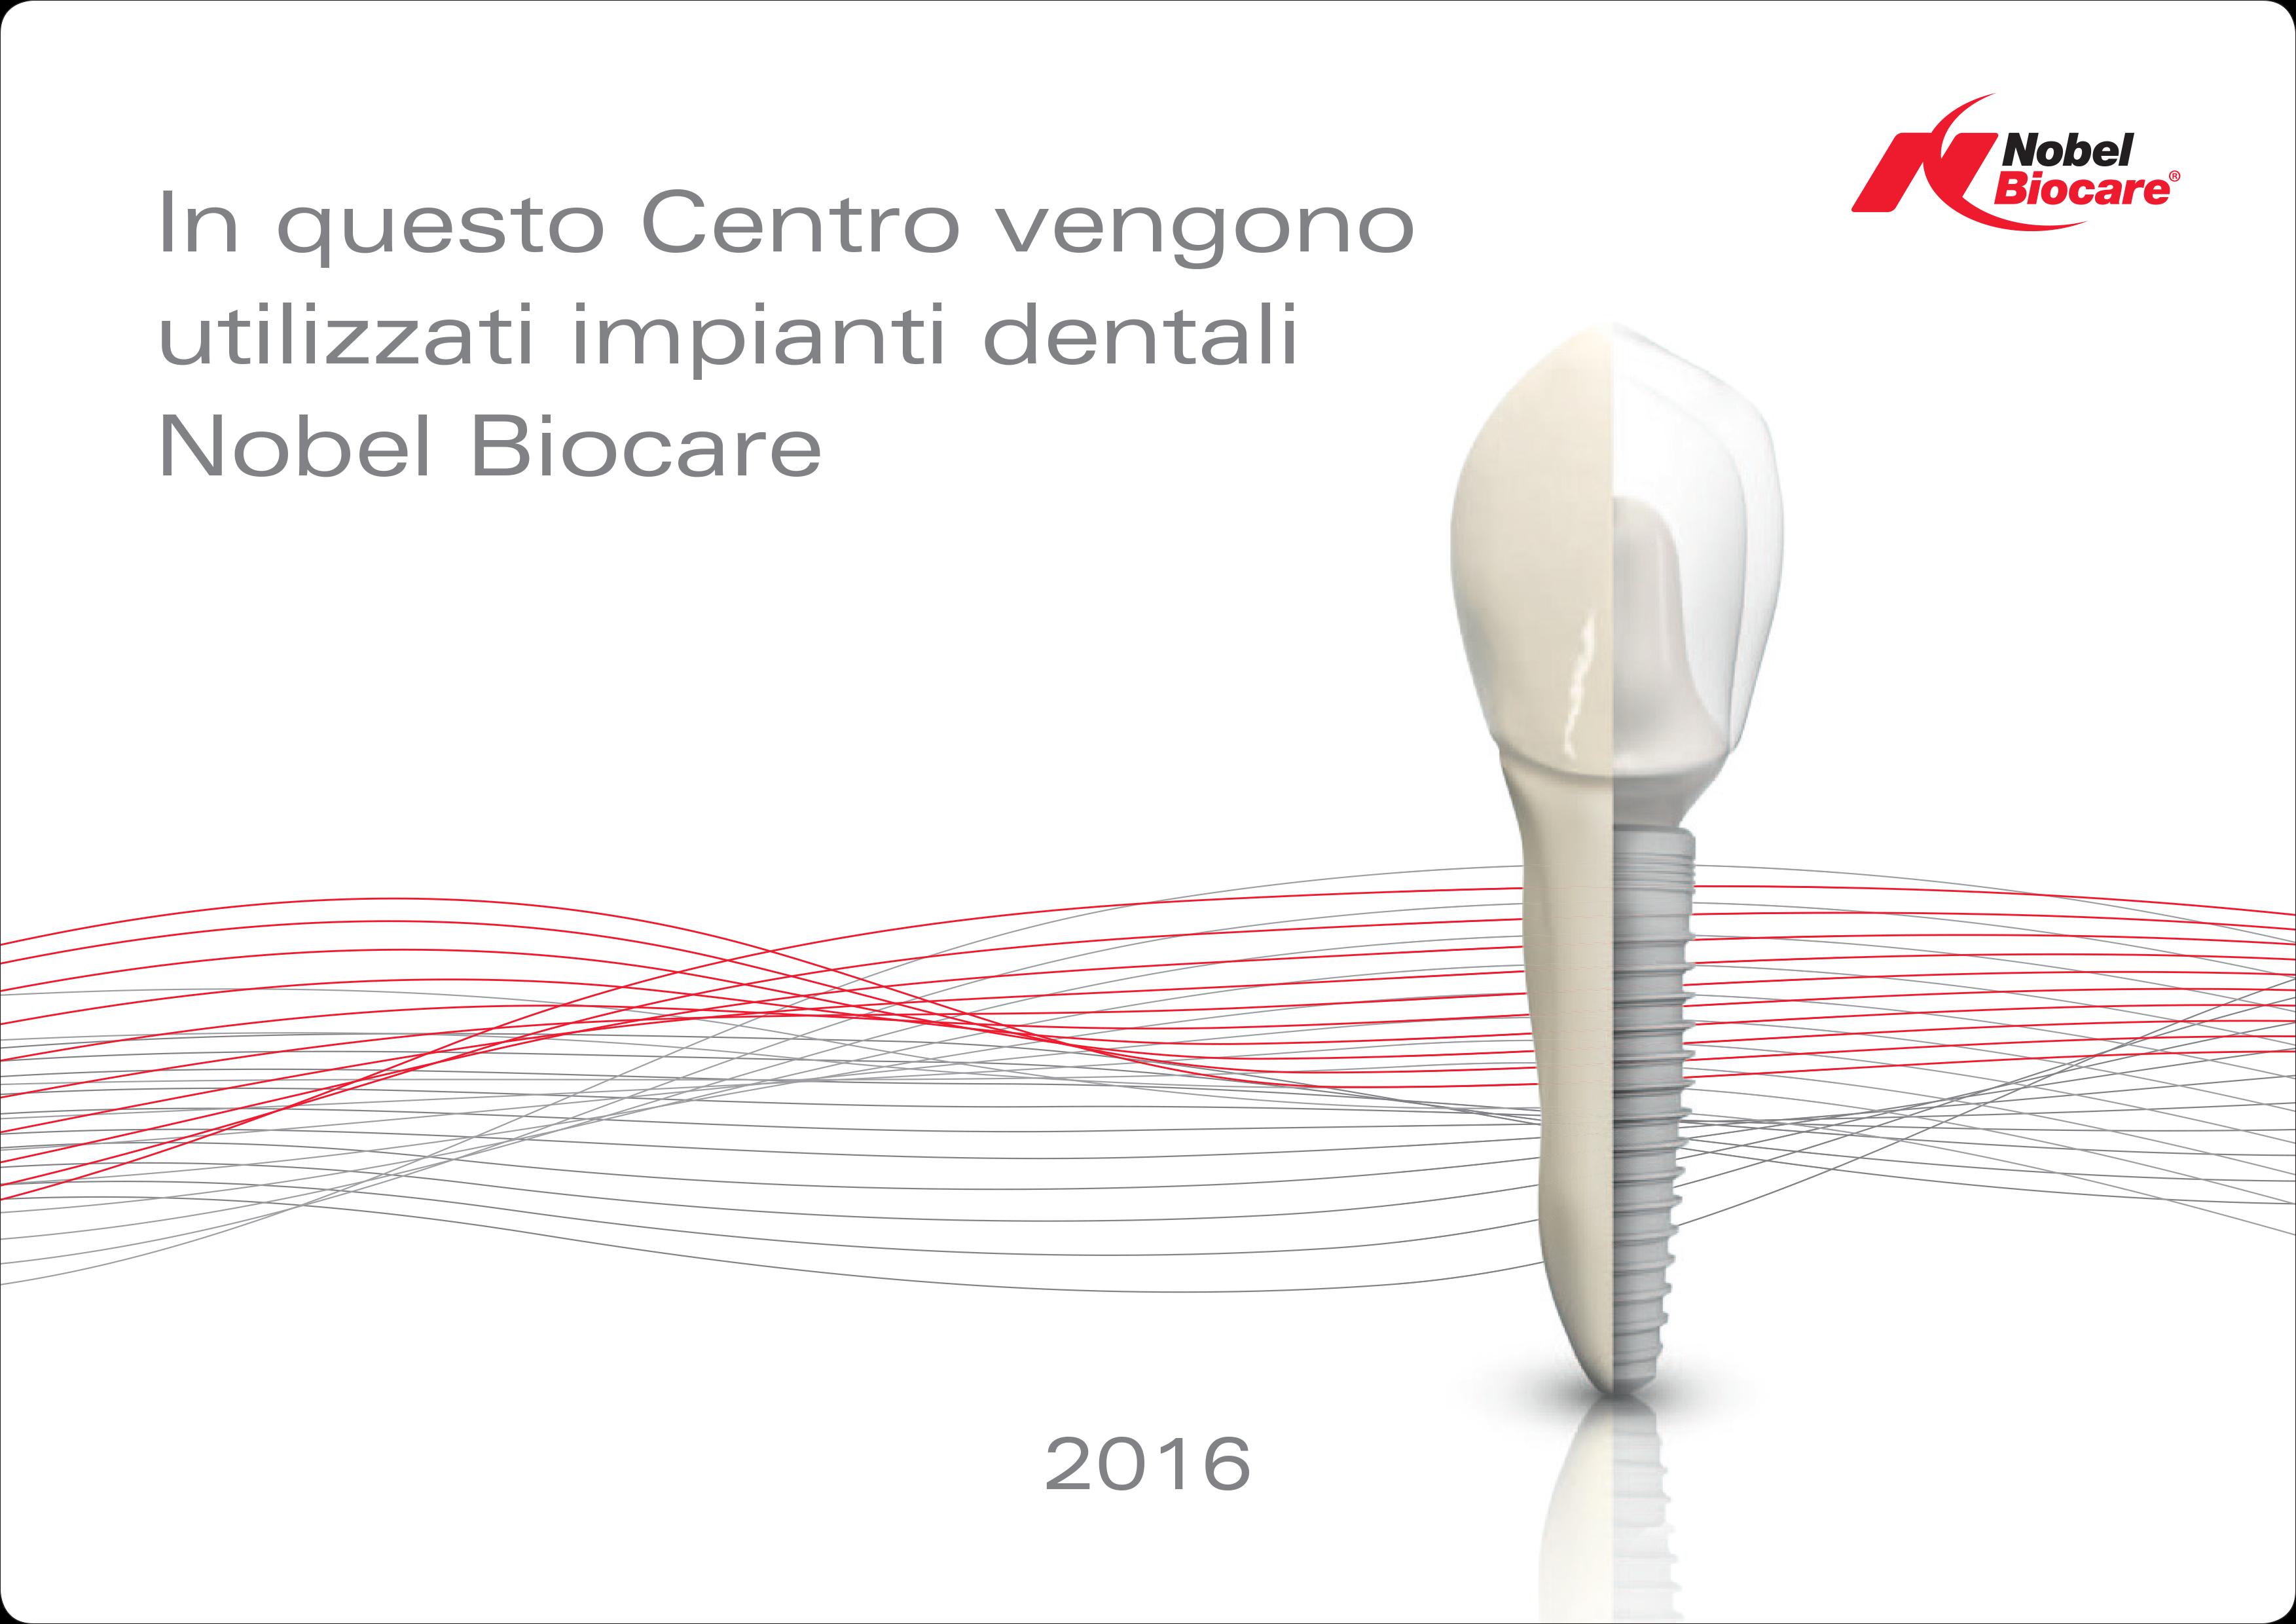 Impianti dentali Maltese Nobel Biocare